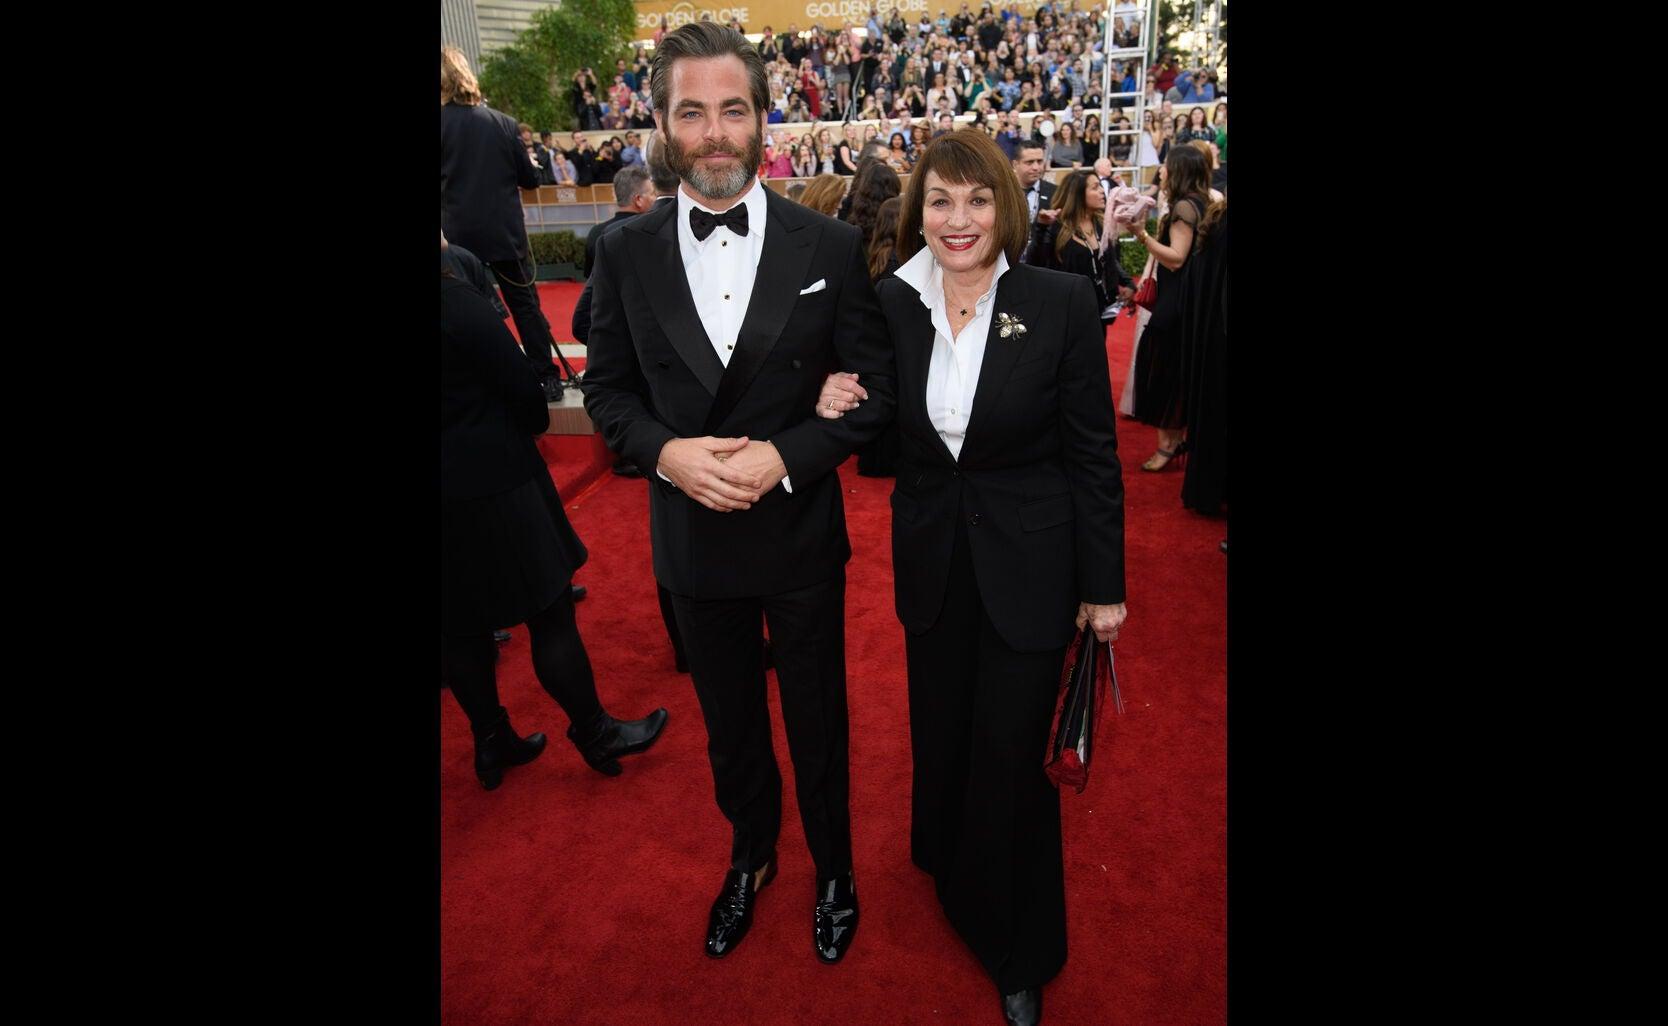 Chris Pine and Mum